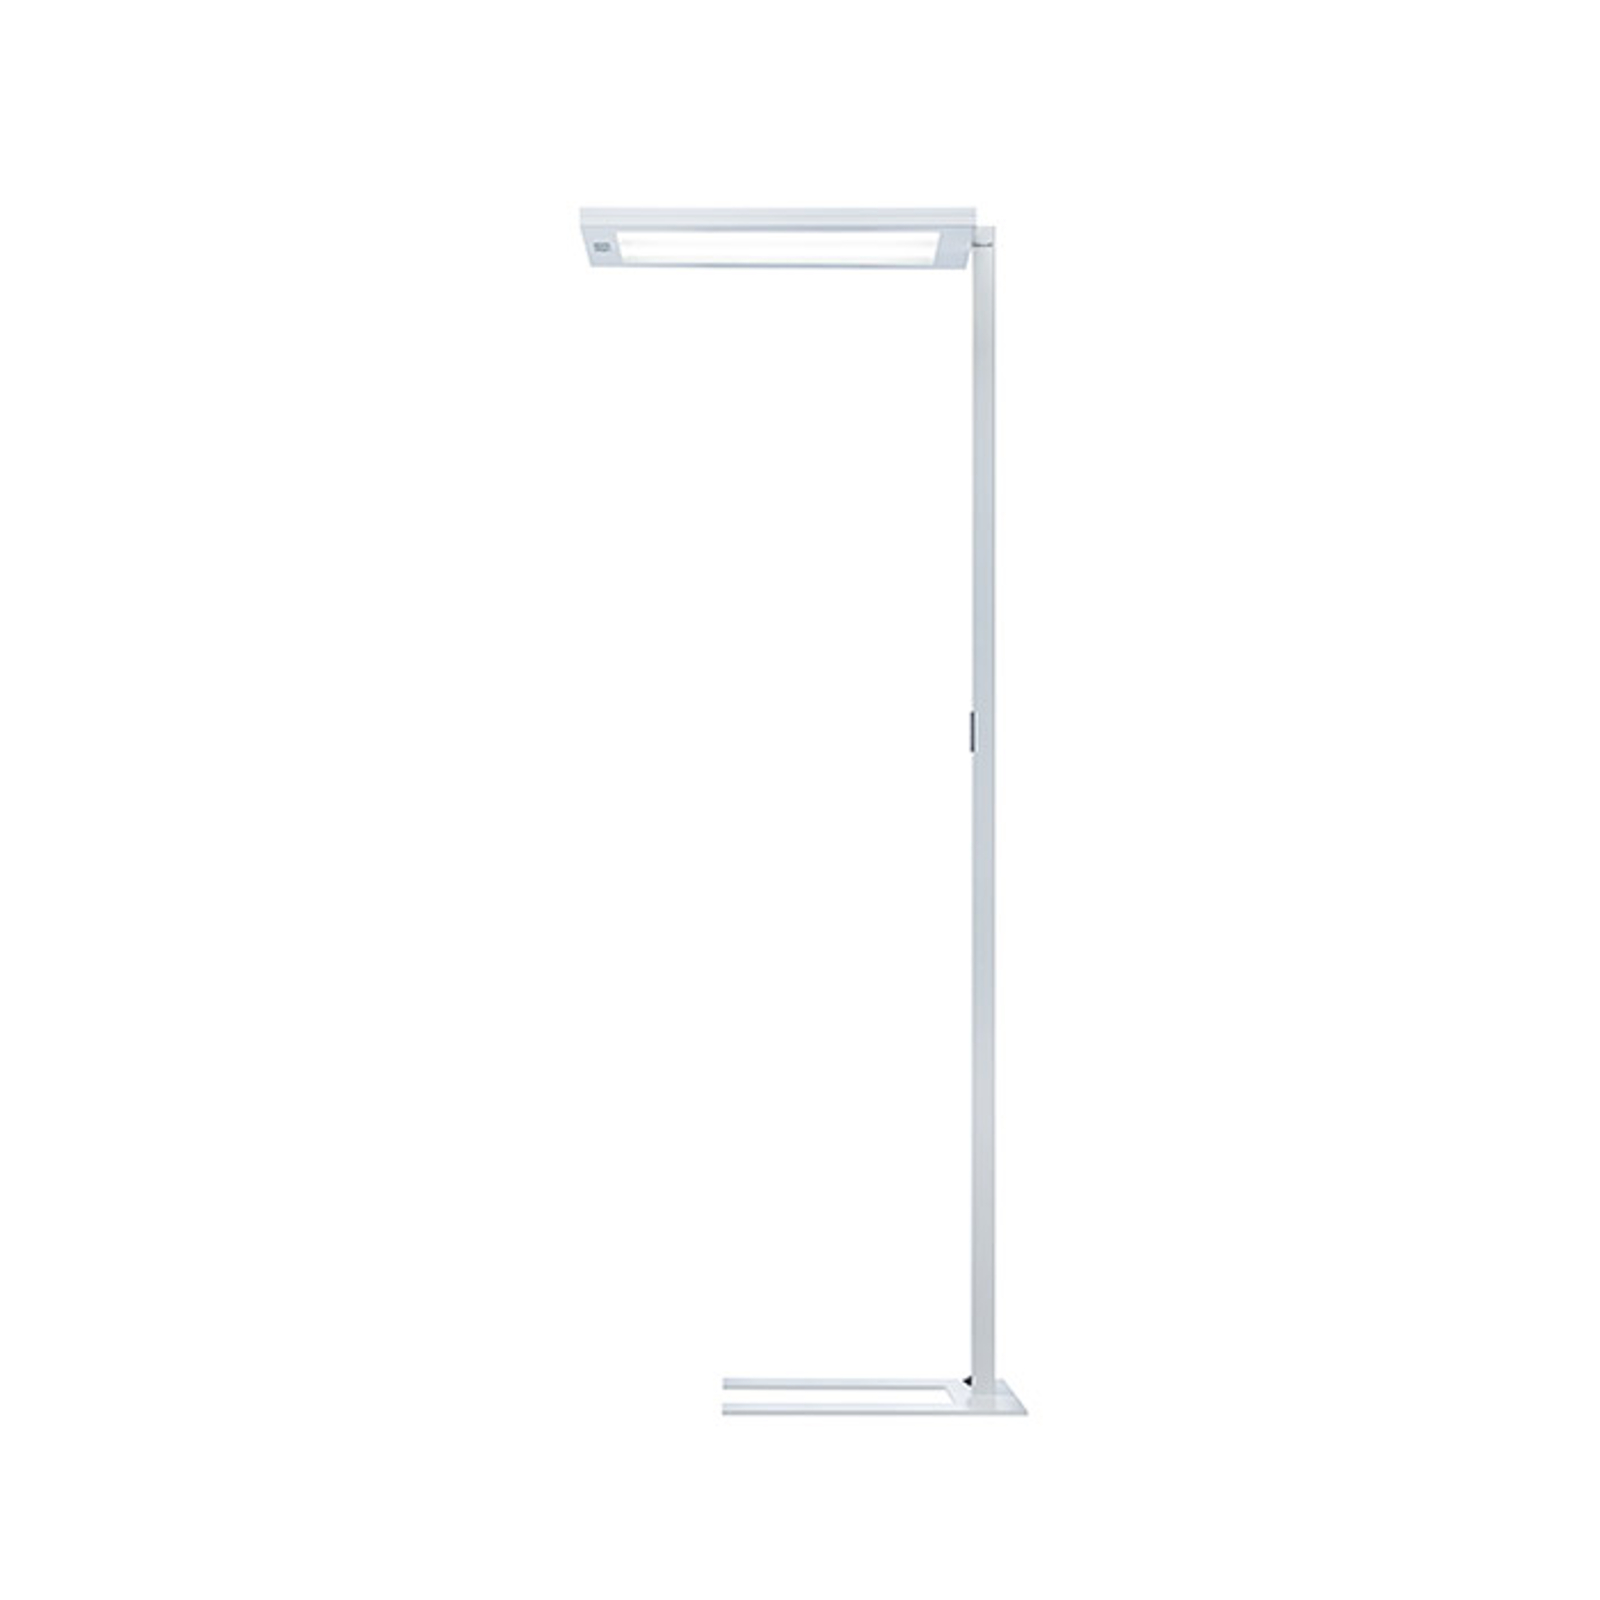 LED-lattiavalaisin Lavigo DPS 16500/840/R/G2 valk